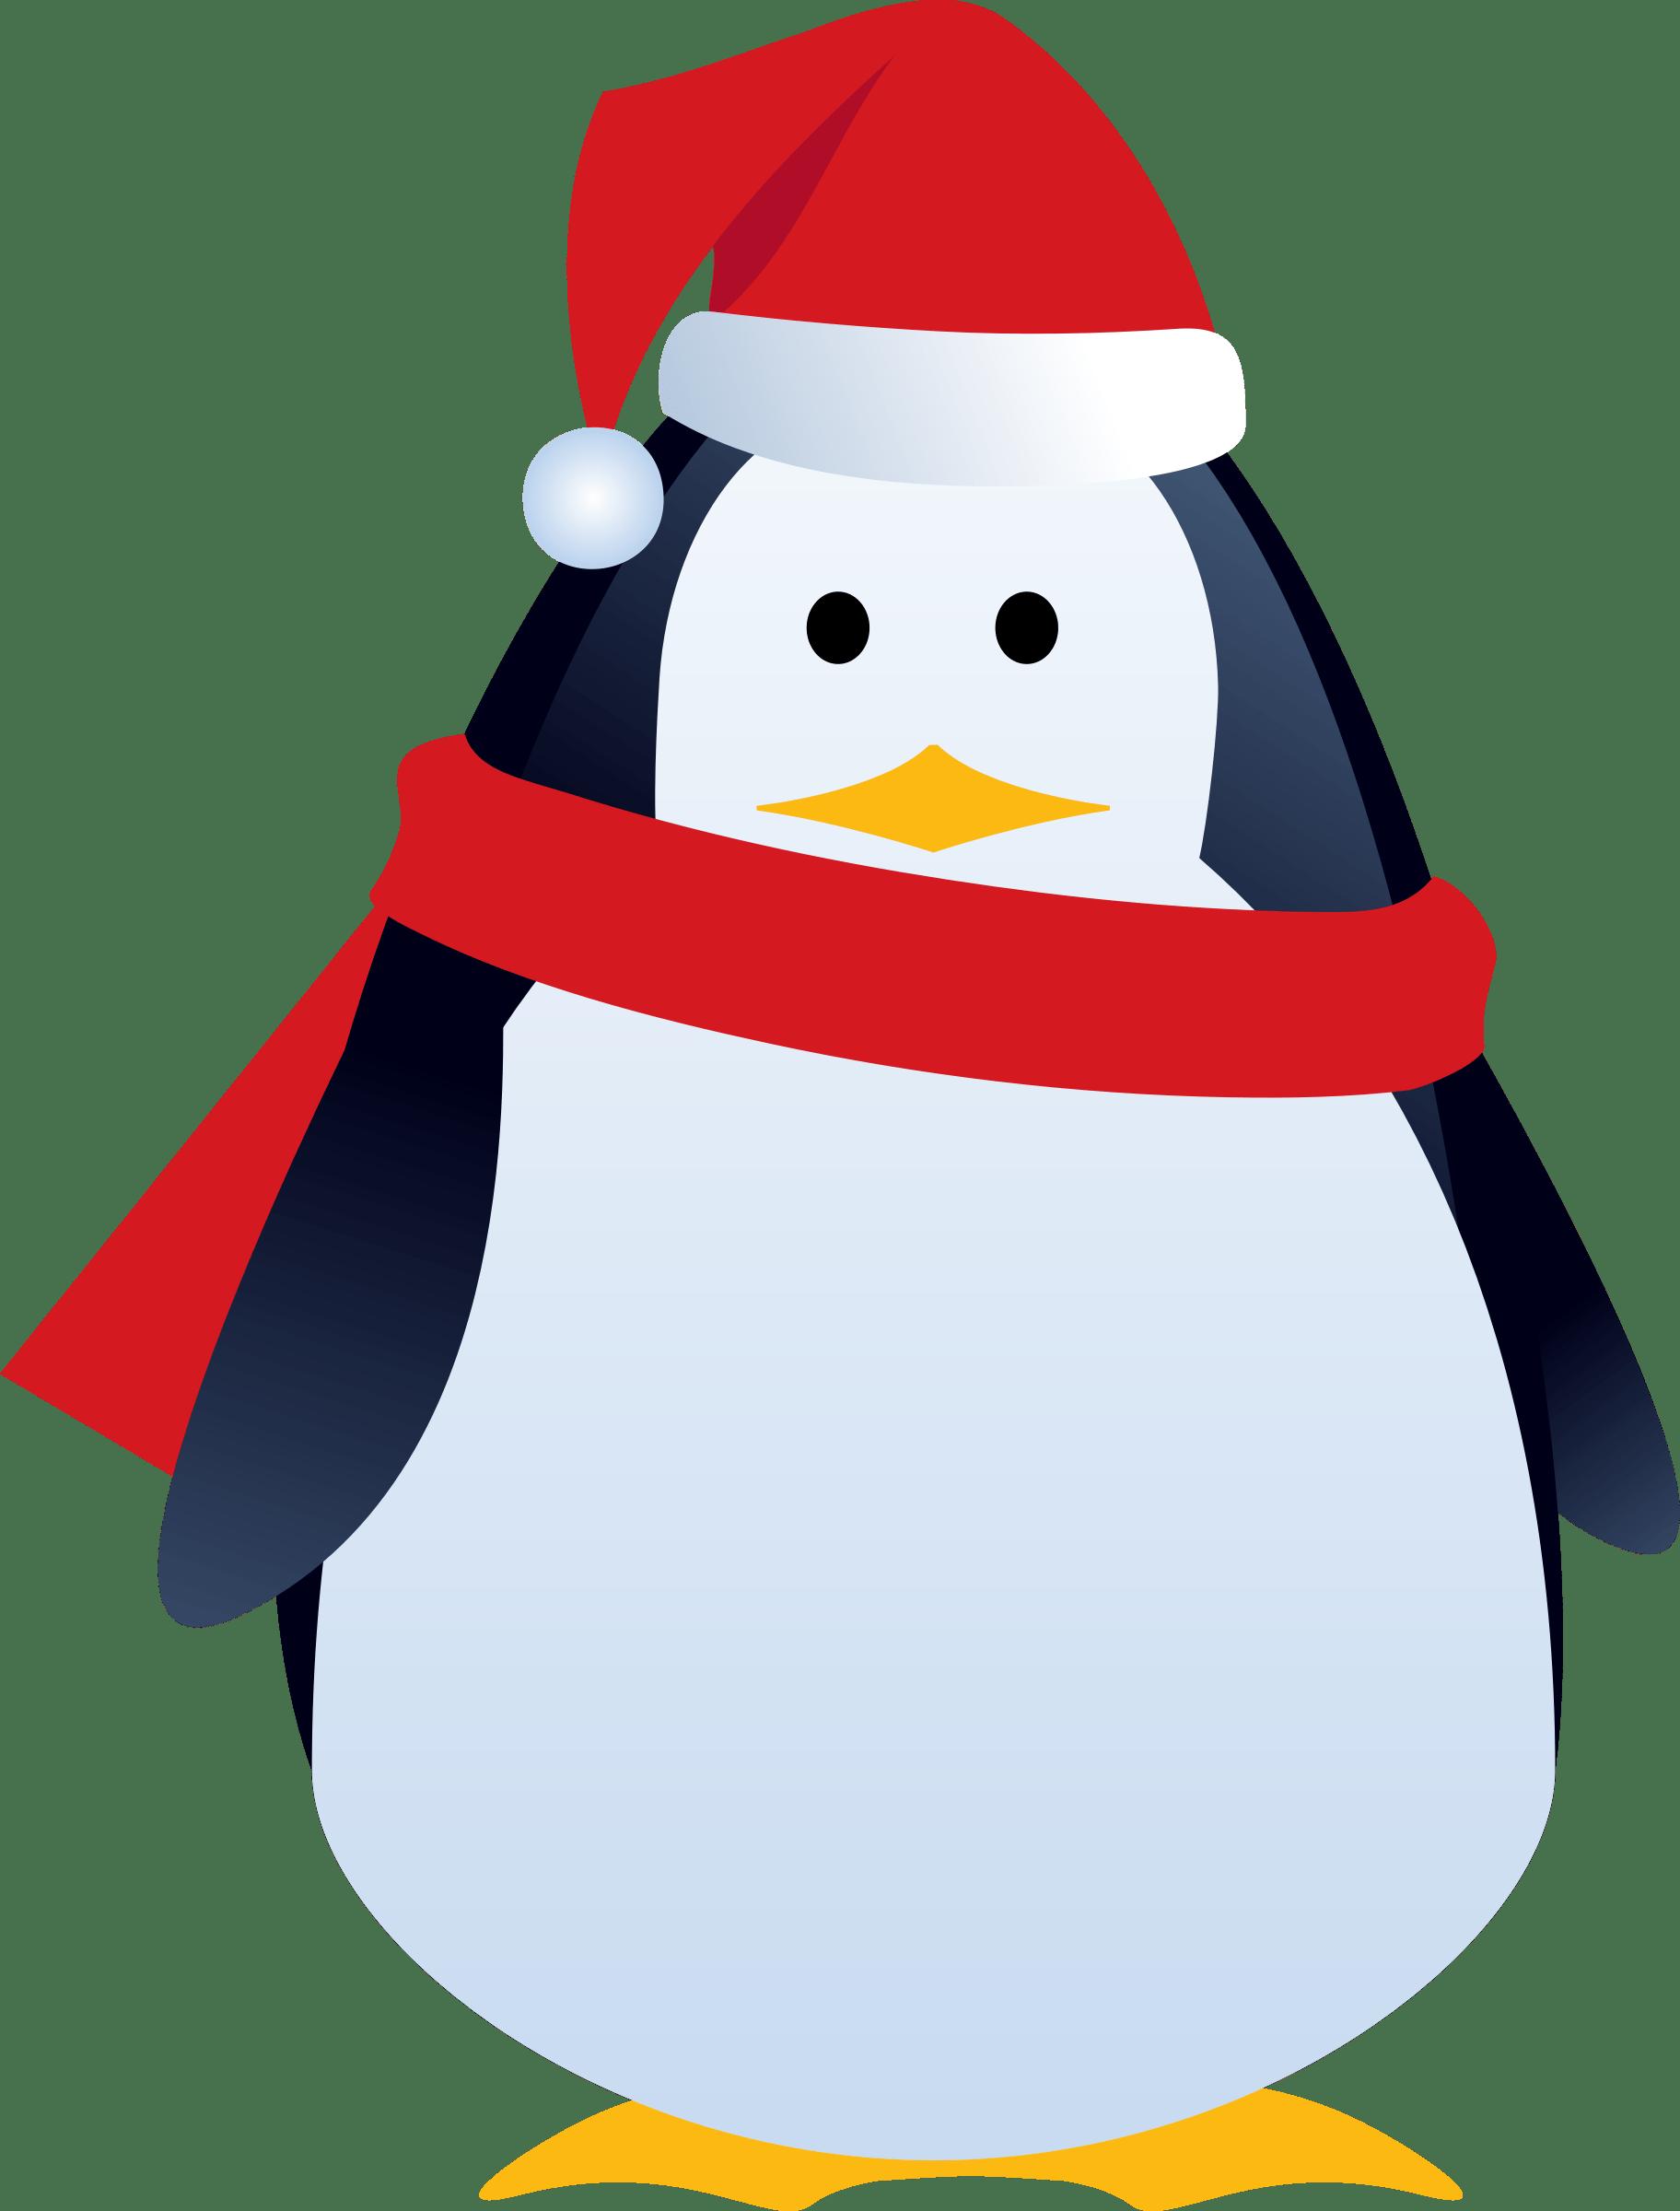 Christmas Pictures Cartoon.Christmas Penguin Cartoon Transparent Png Stickpng